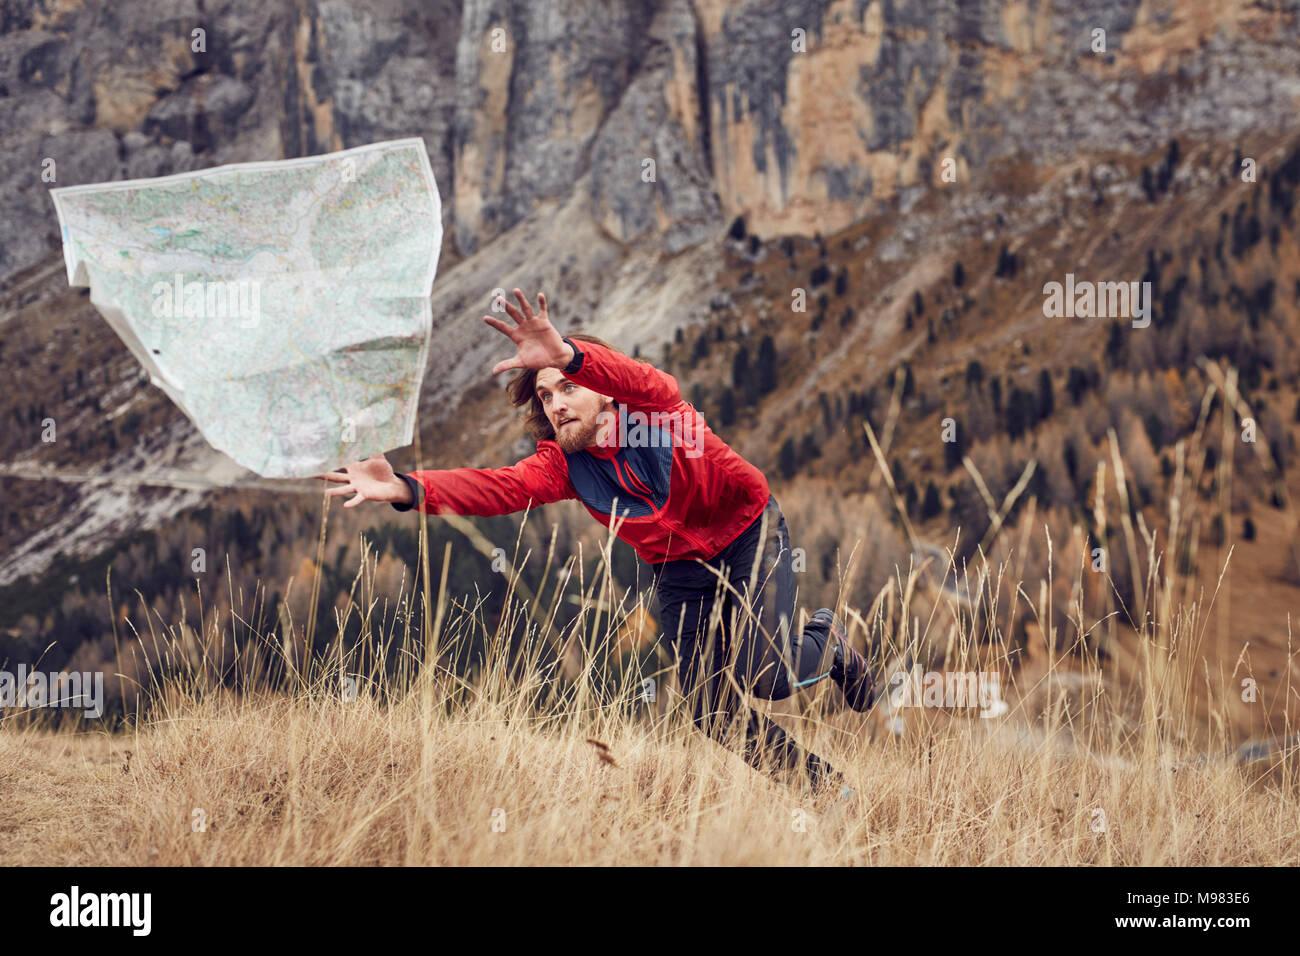 Le randonneur chasing site s'envoler Photo Stock